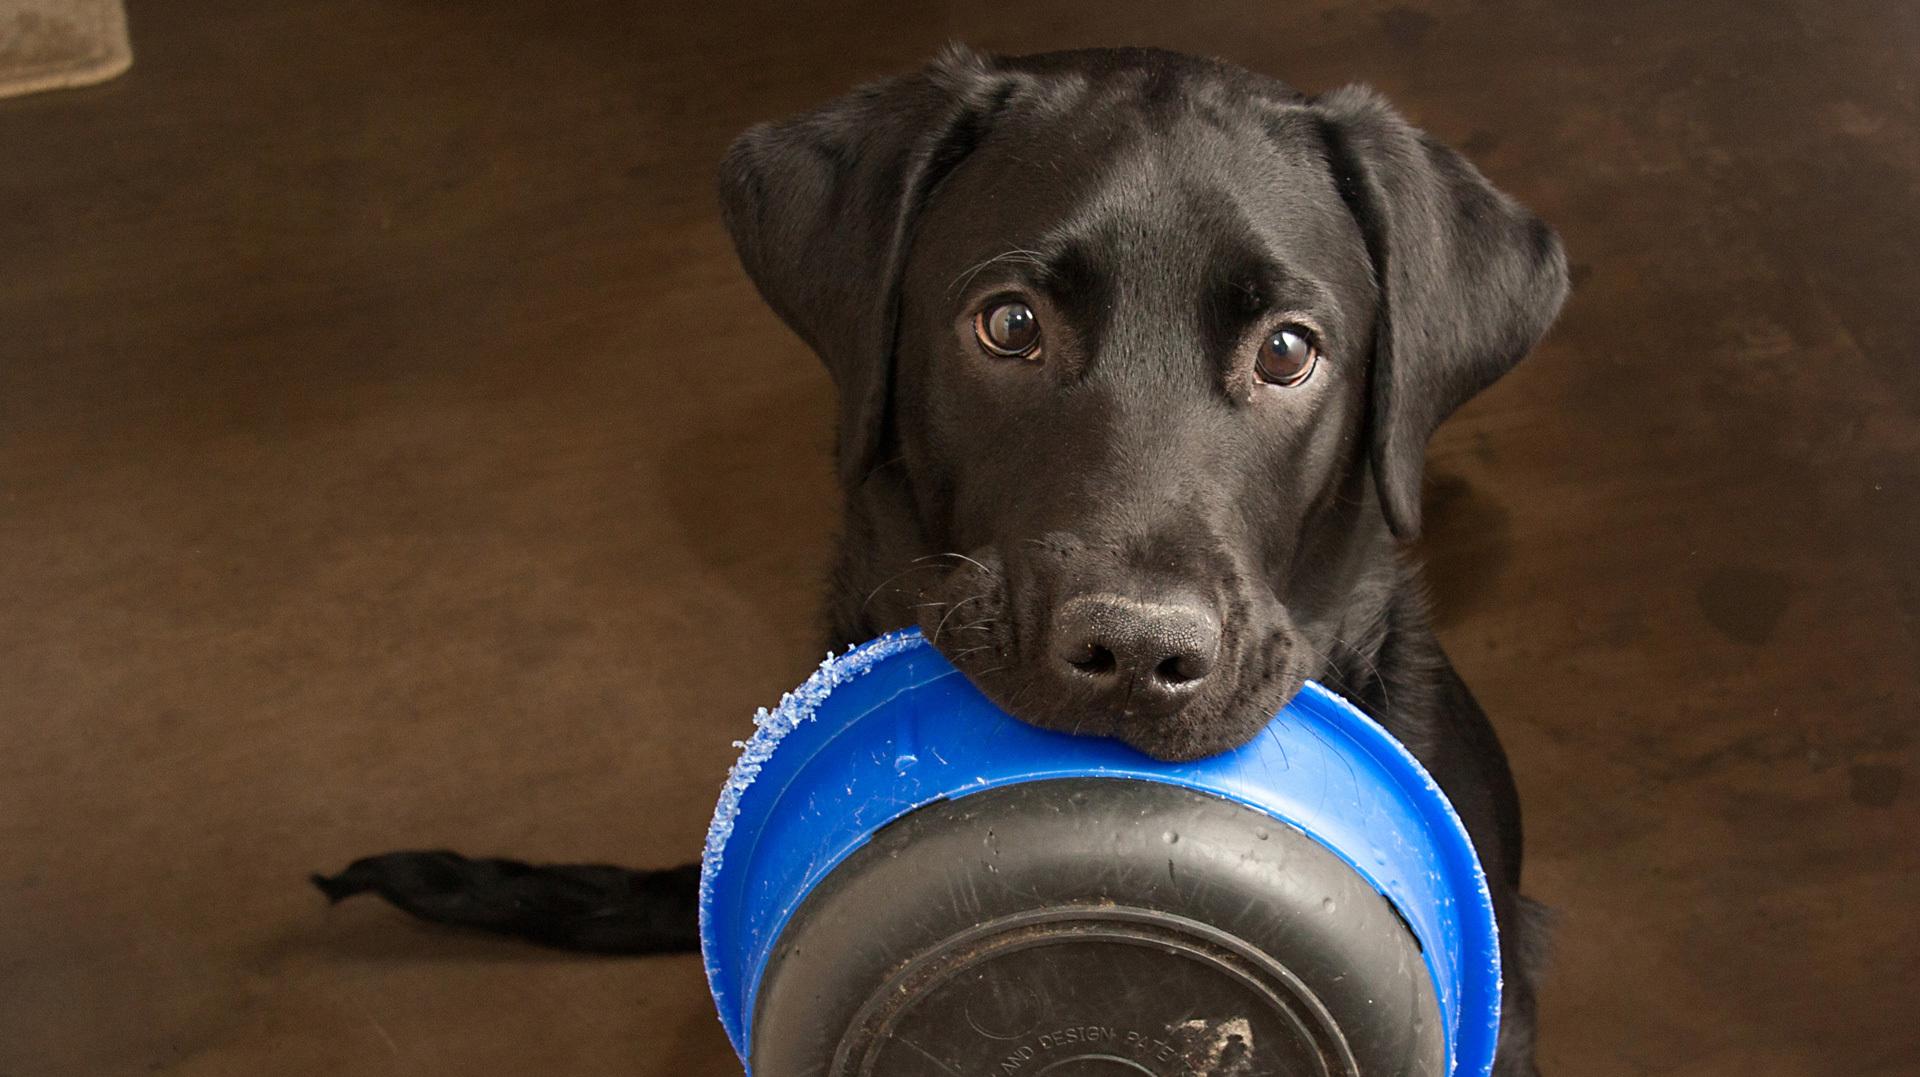 Fome ou Gula? Seu cachorro vive com fome?